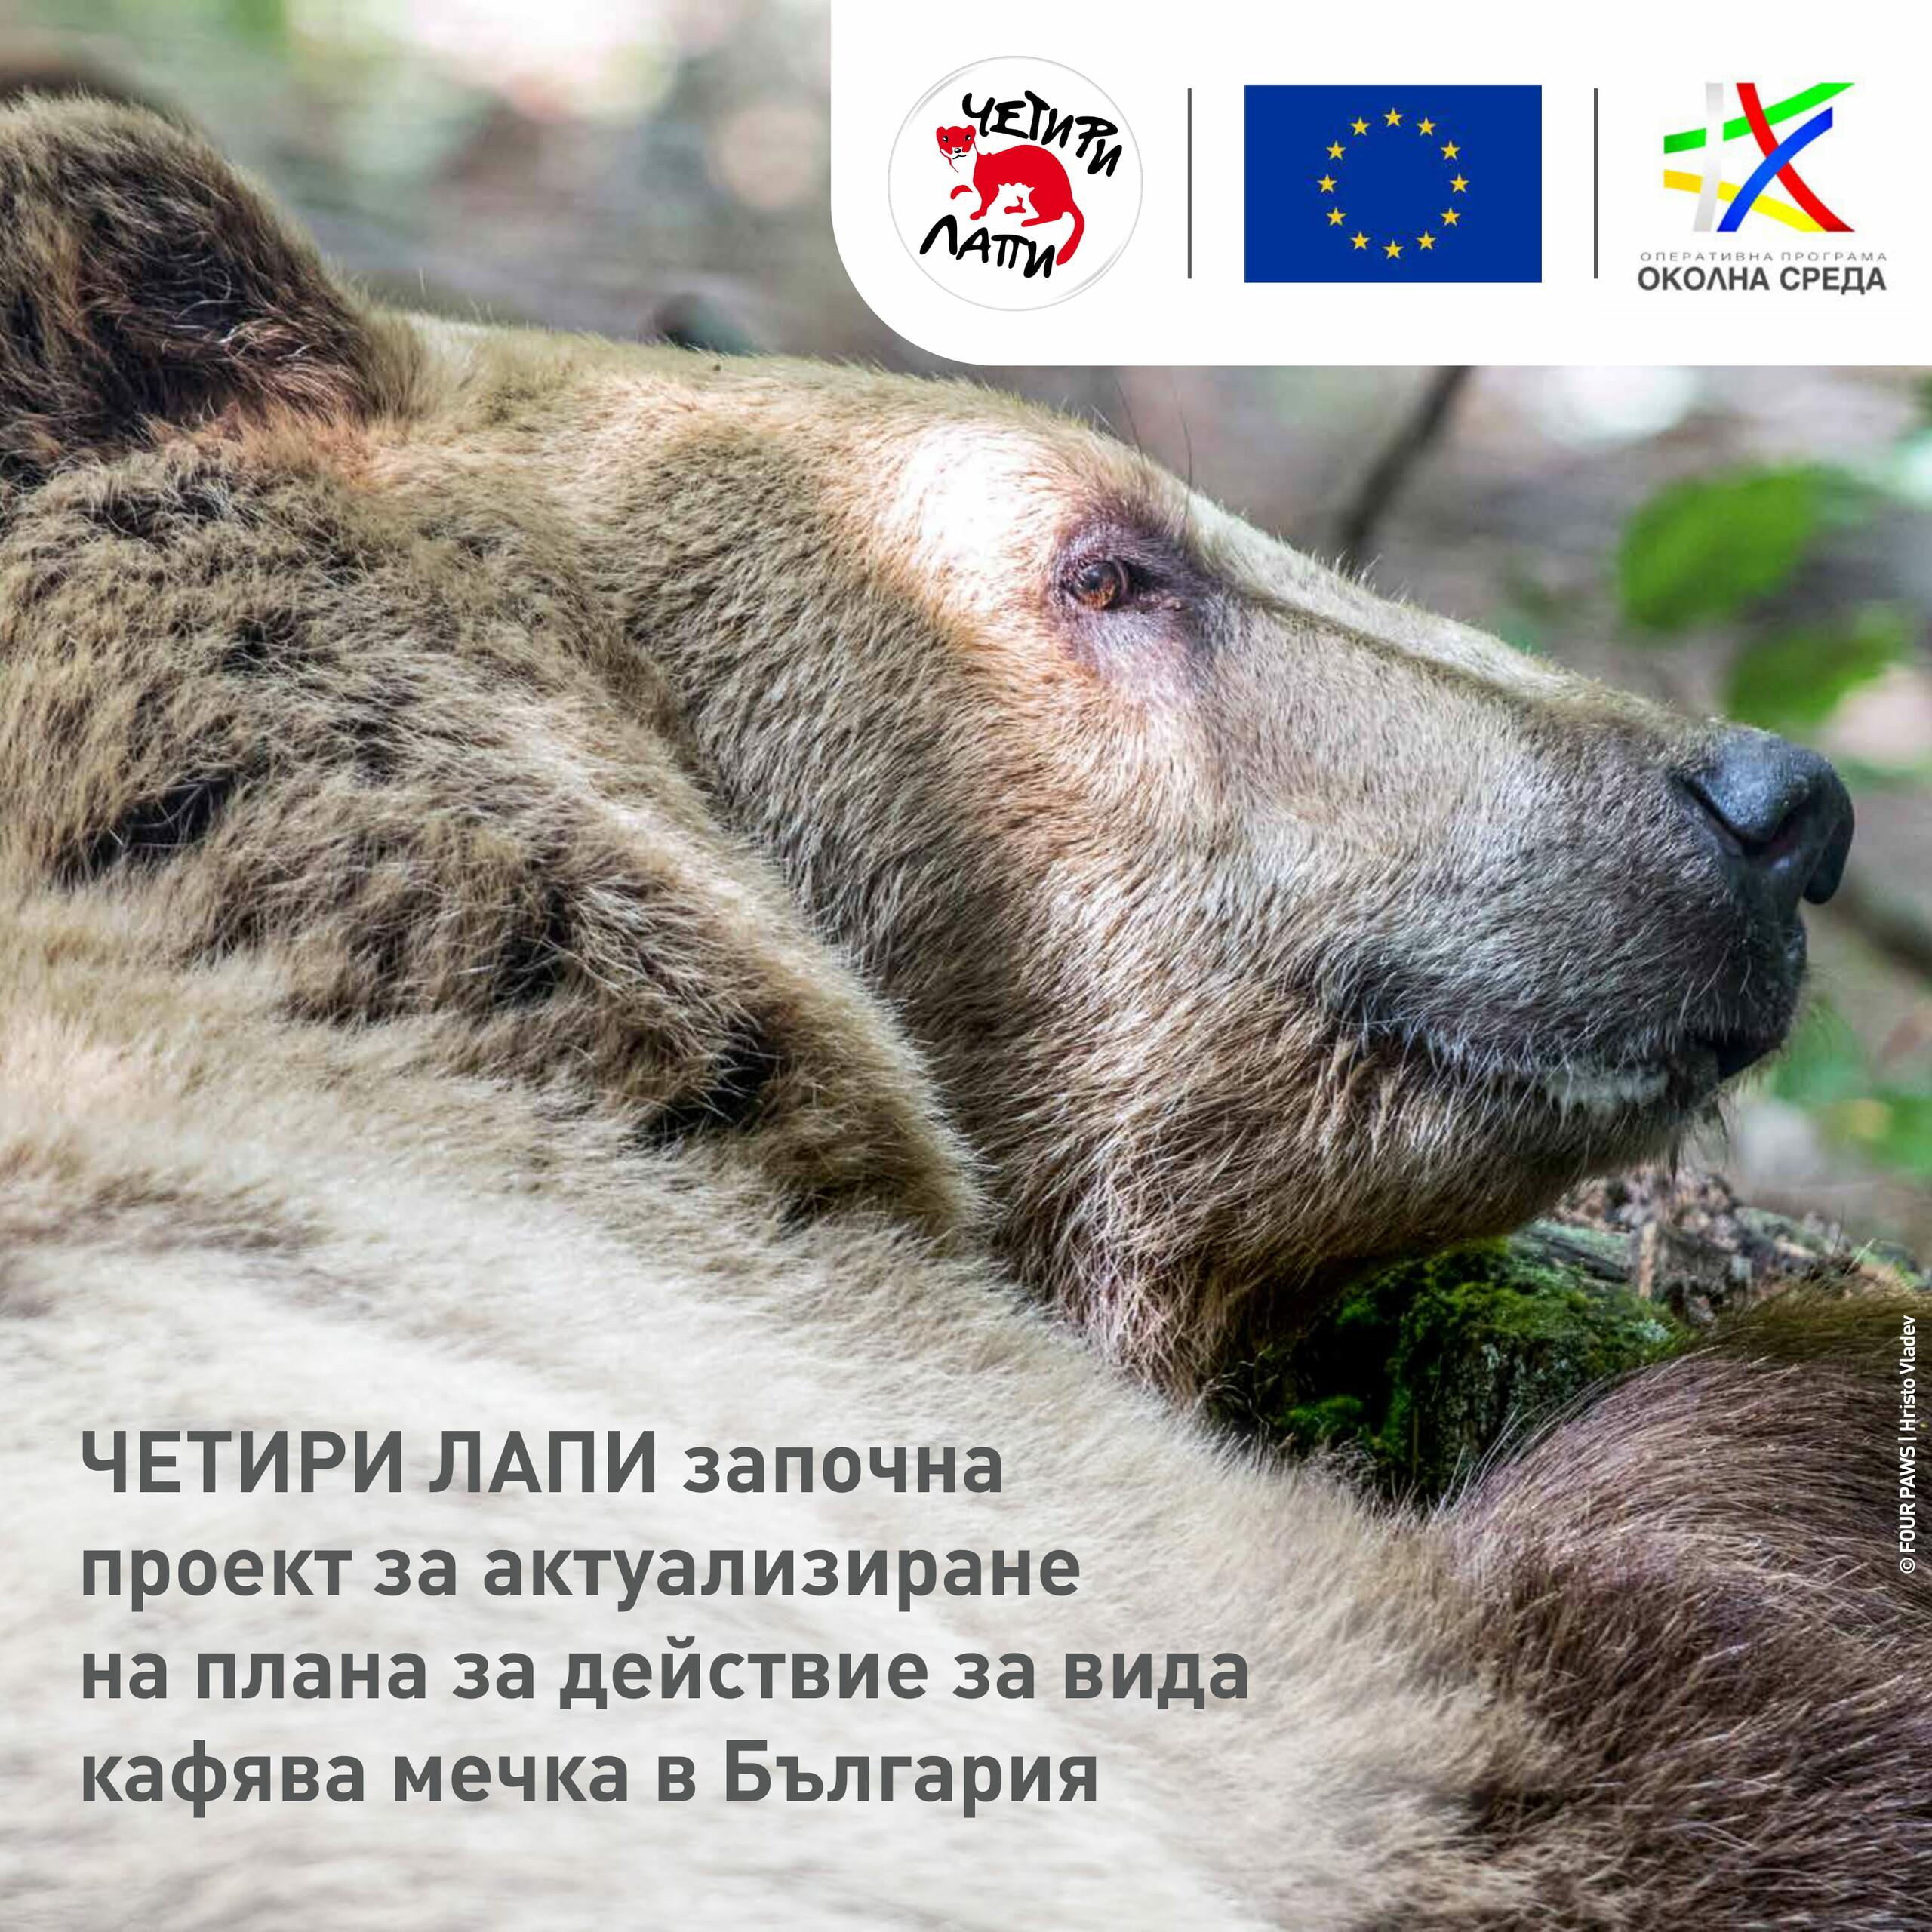 Опазване на кафяви мечки